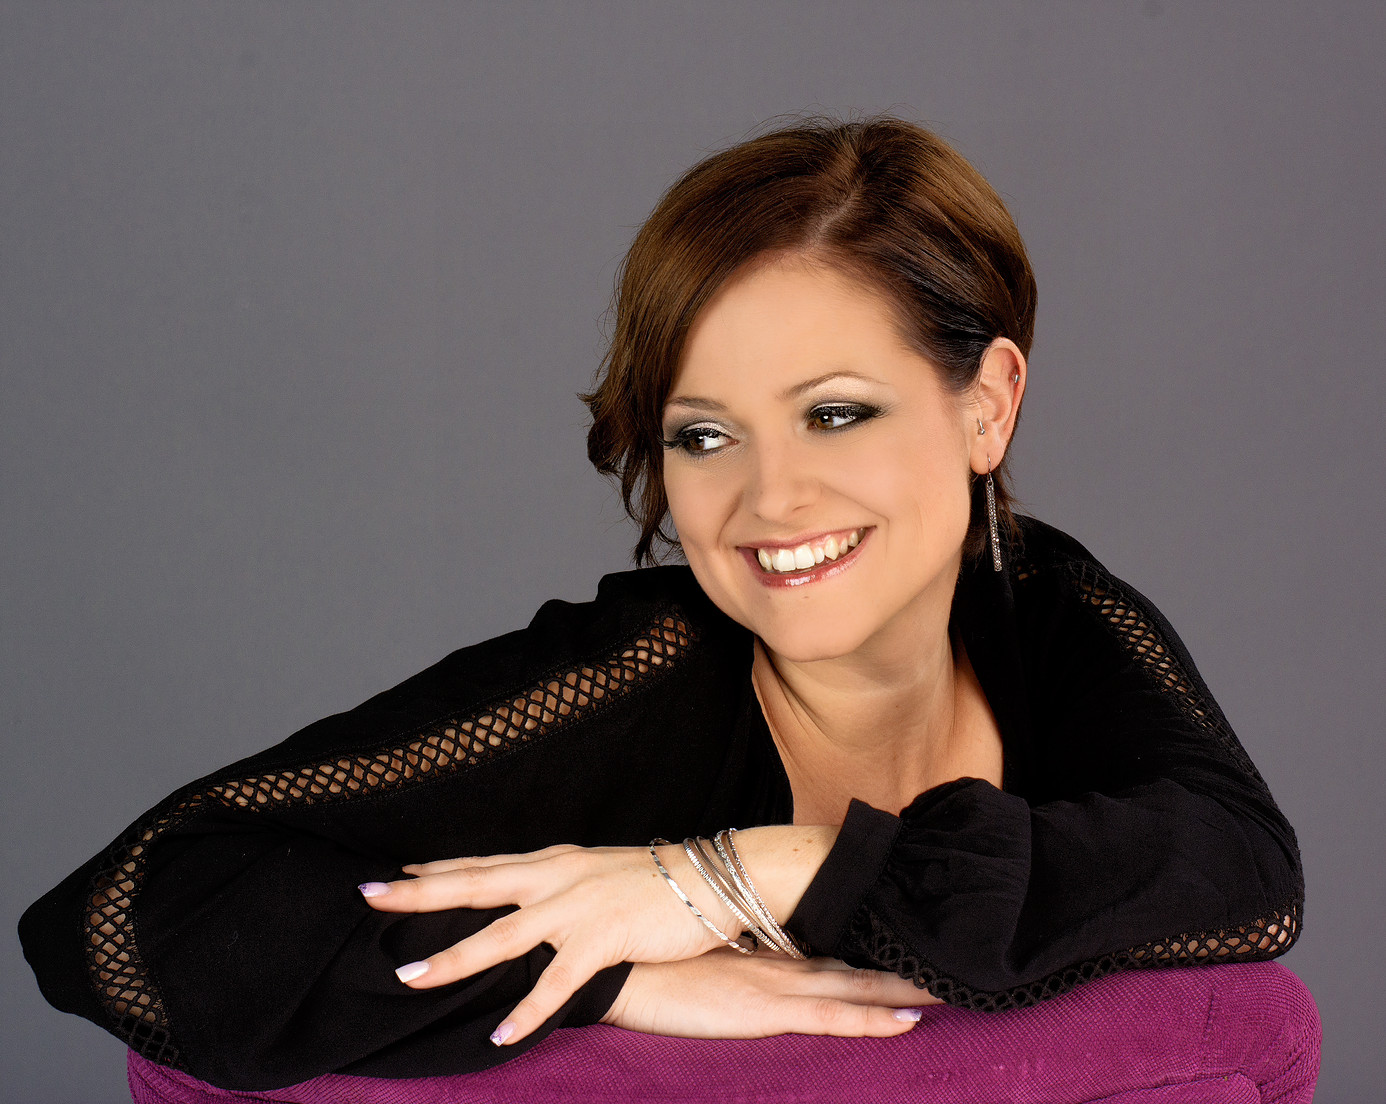 Jeannine Rossi by Michaela Lorber